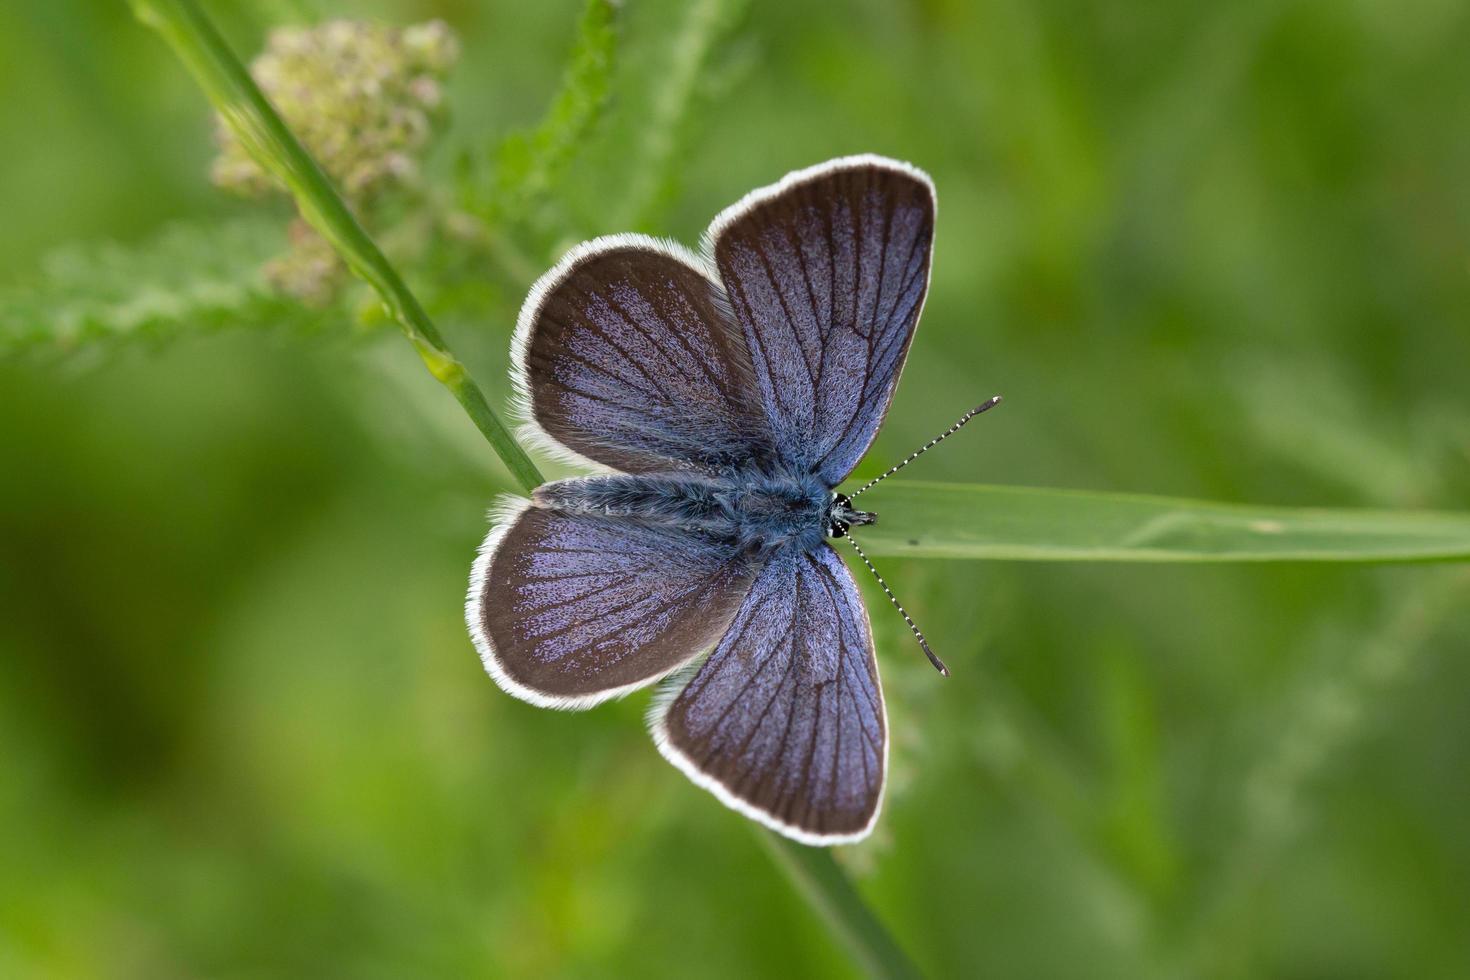 papillon bleu sur tige photo